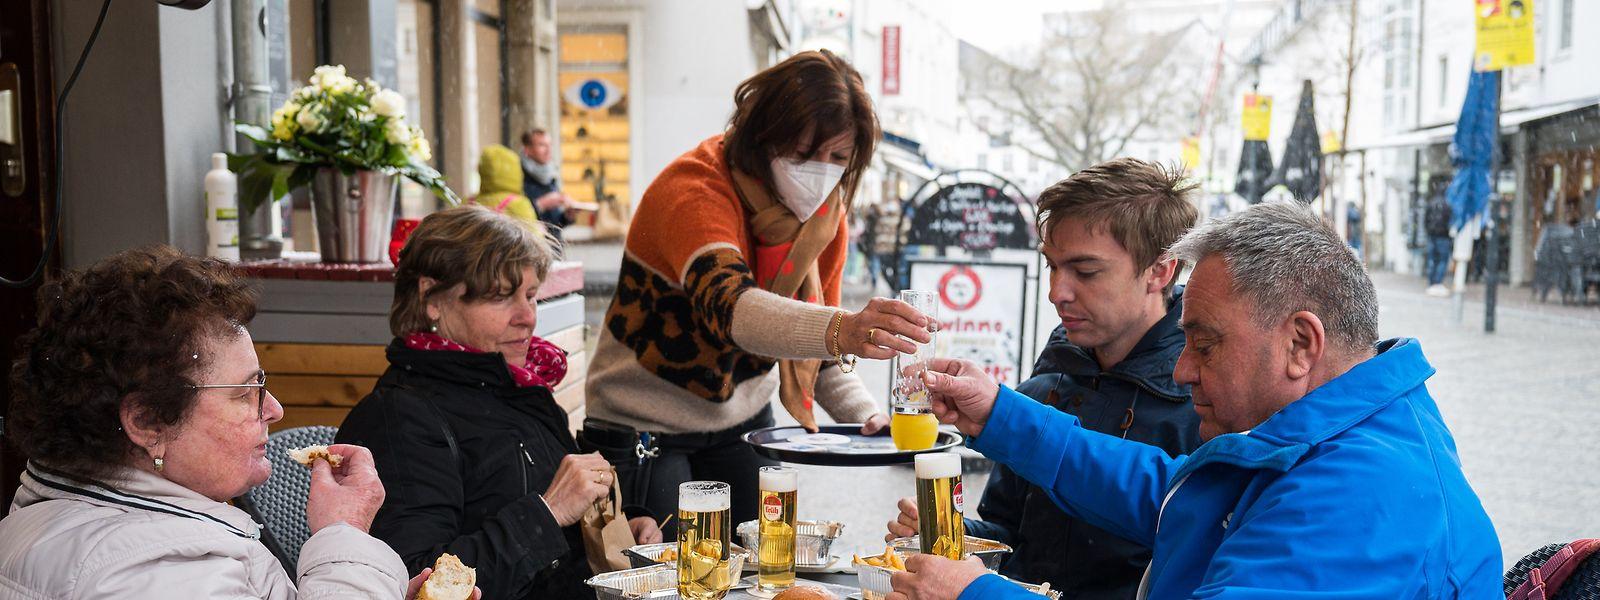 """Als """"Modellregion"""" hat das Saarland seine Außengastronomie sowie Kultur- und Sporteinrichtungen wieder geöffnet. Das stößt auf Kritik."""